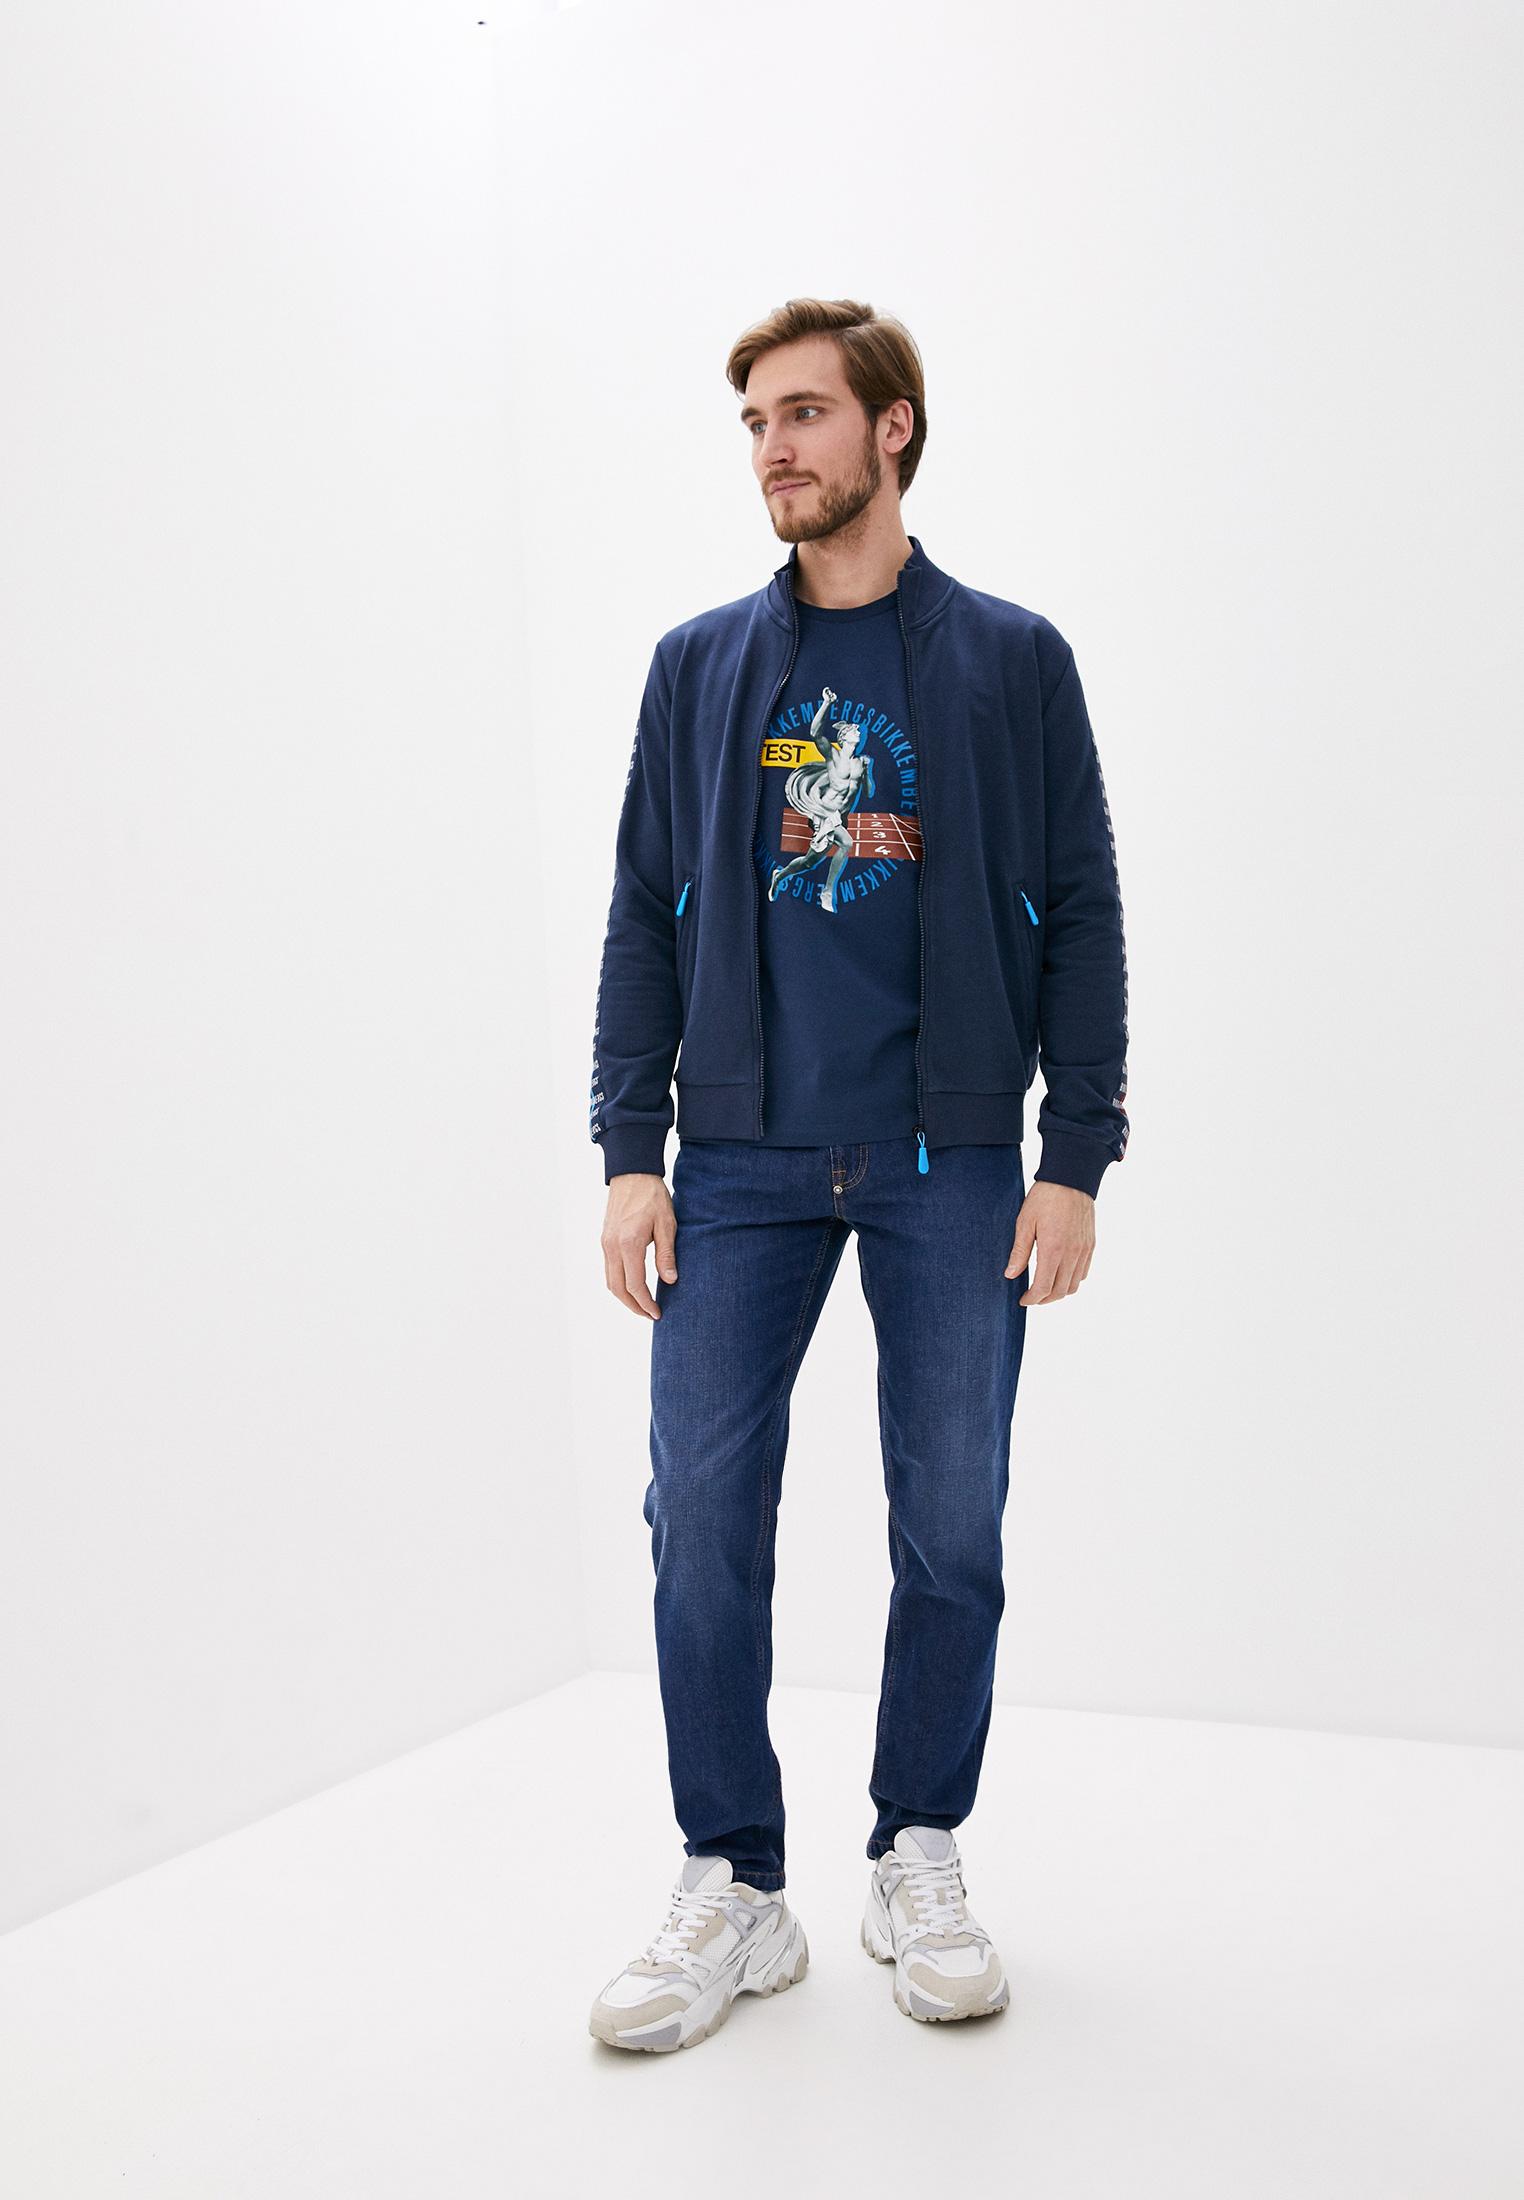 Мужские прямые джинсы Bikkembergs (Биккембергс) c q 102 03 t 9974: изображение 7